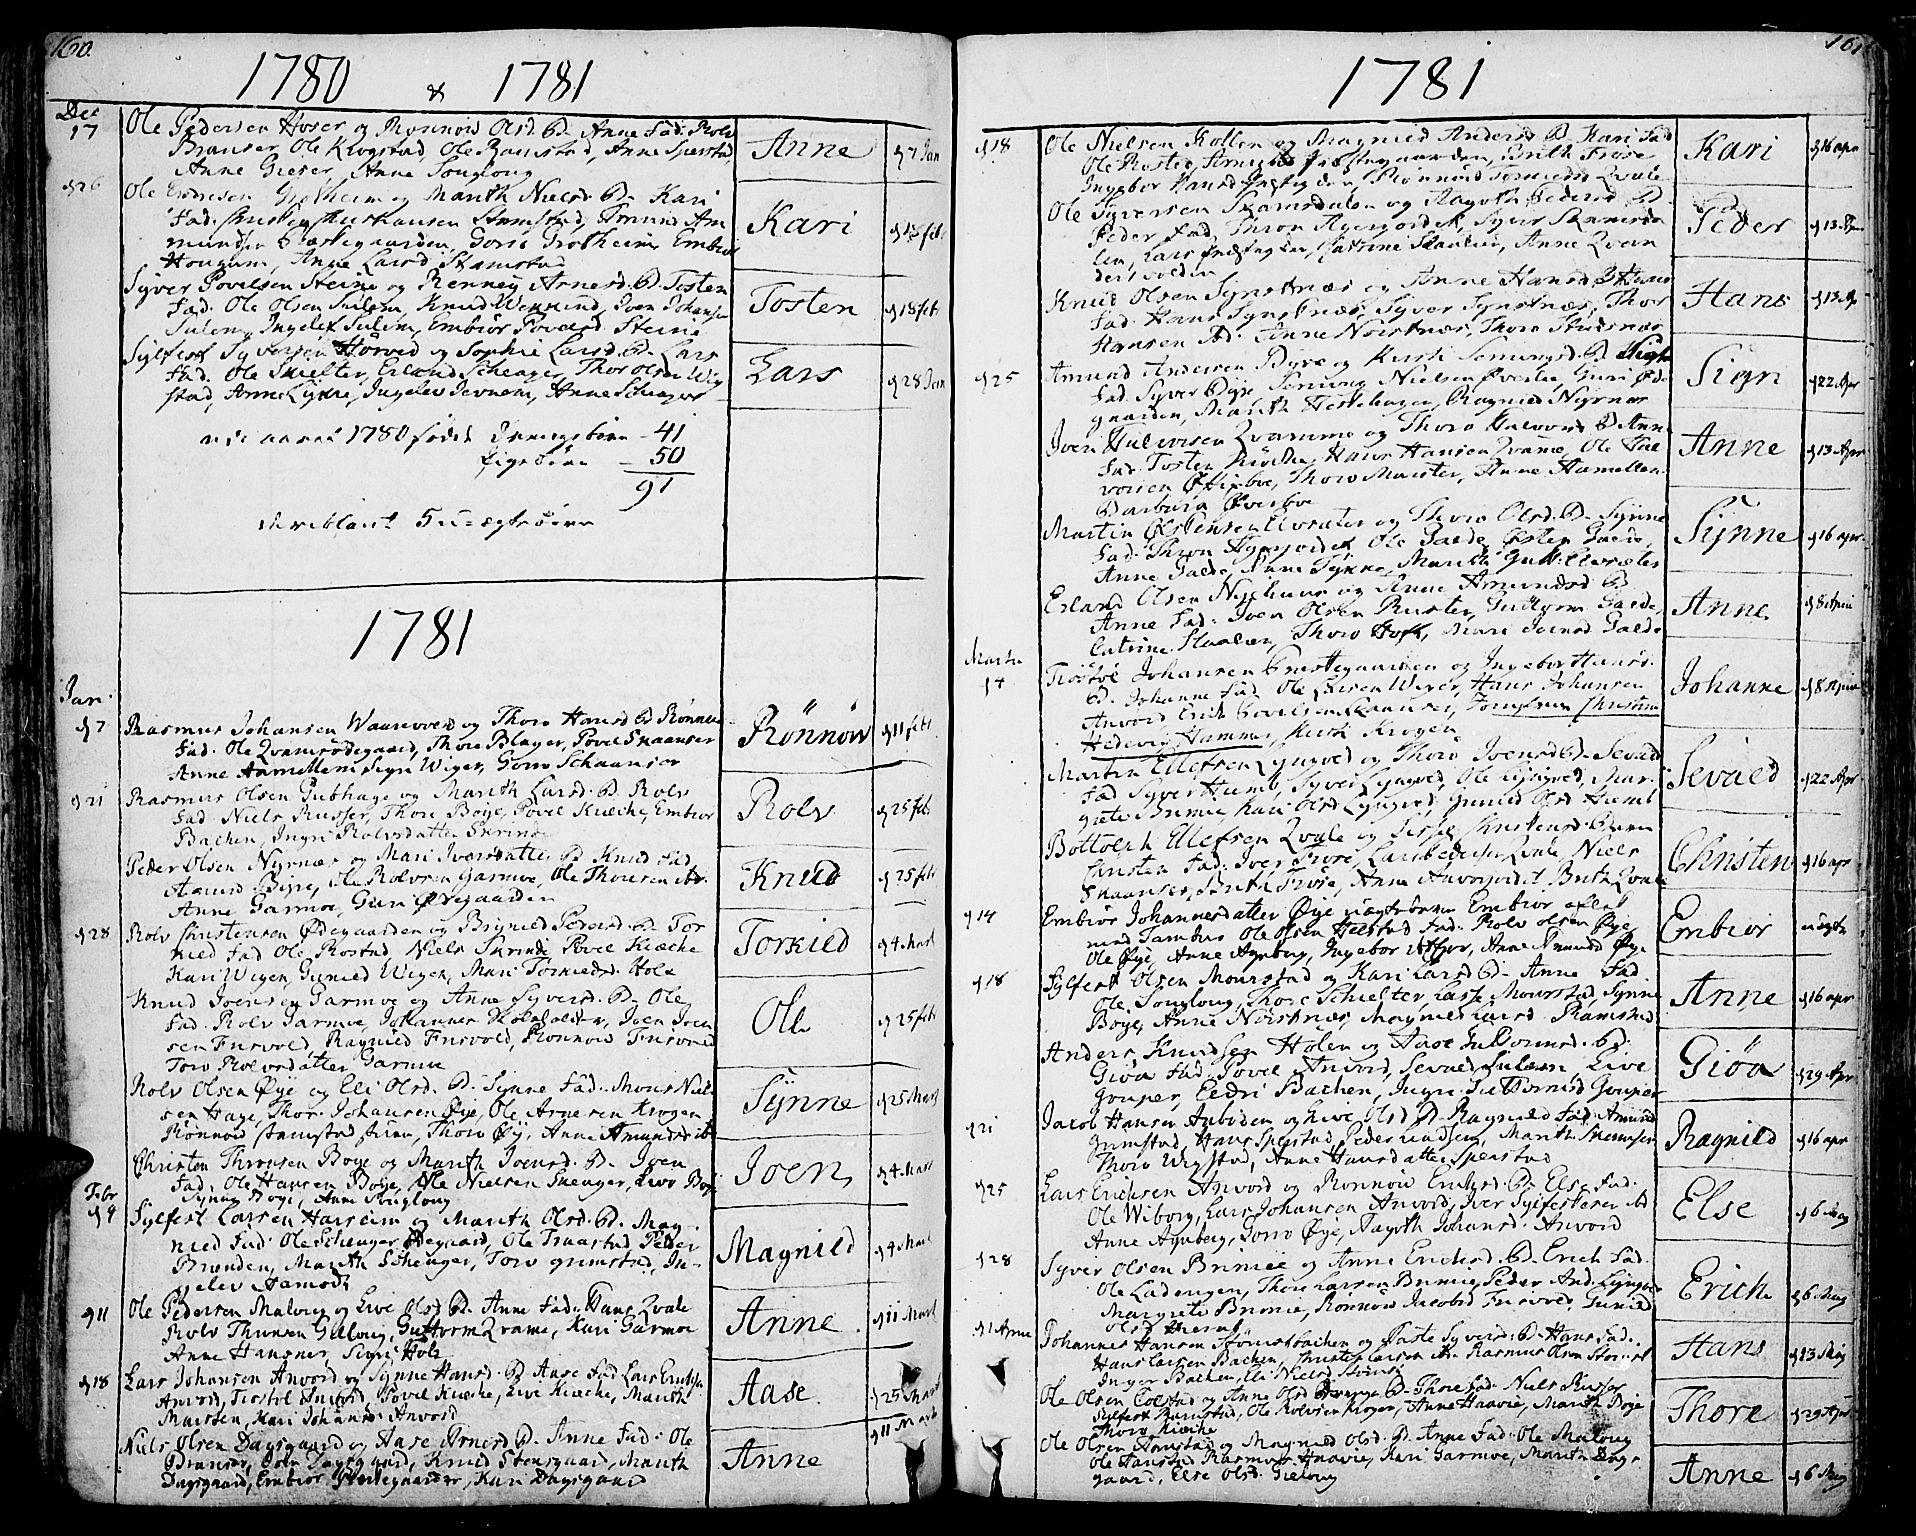 SAH, Lom prestekontor, K/L0002: Ministerialbok nr. 2, 1749-1801, s. 160-161